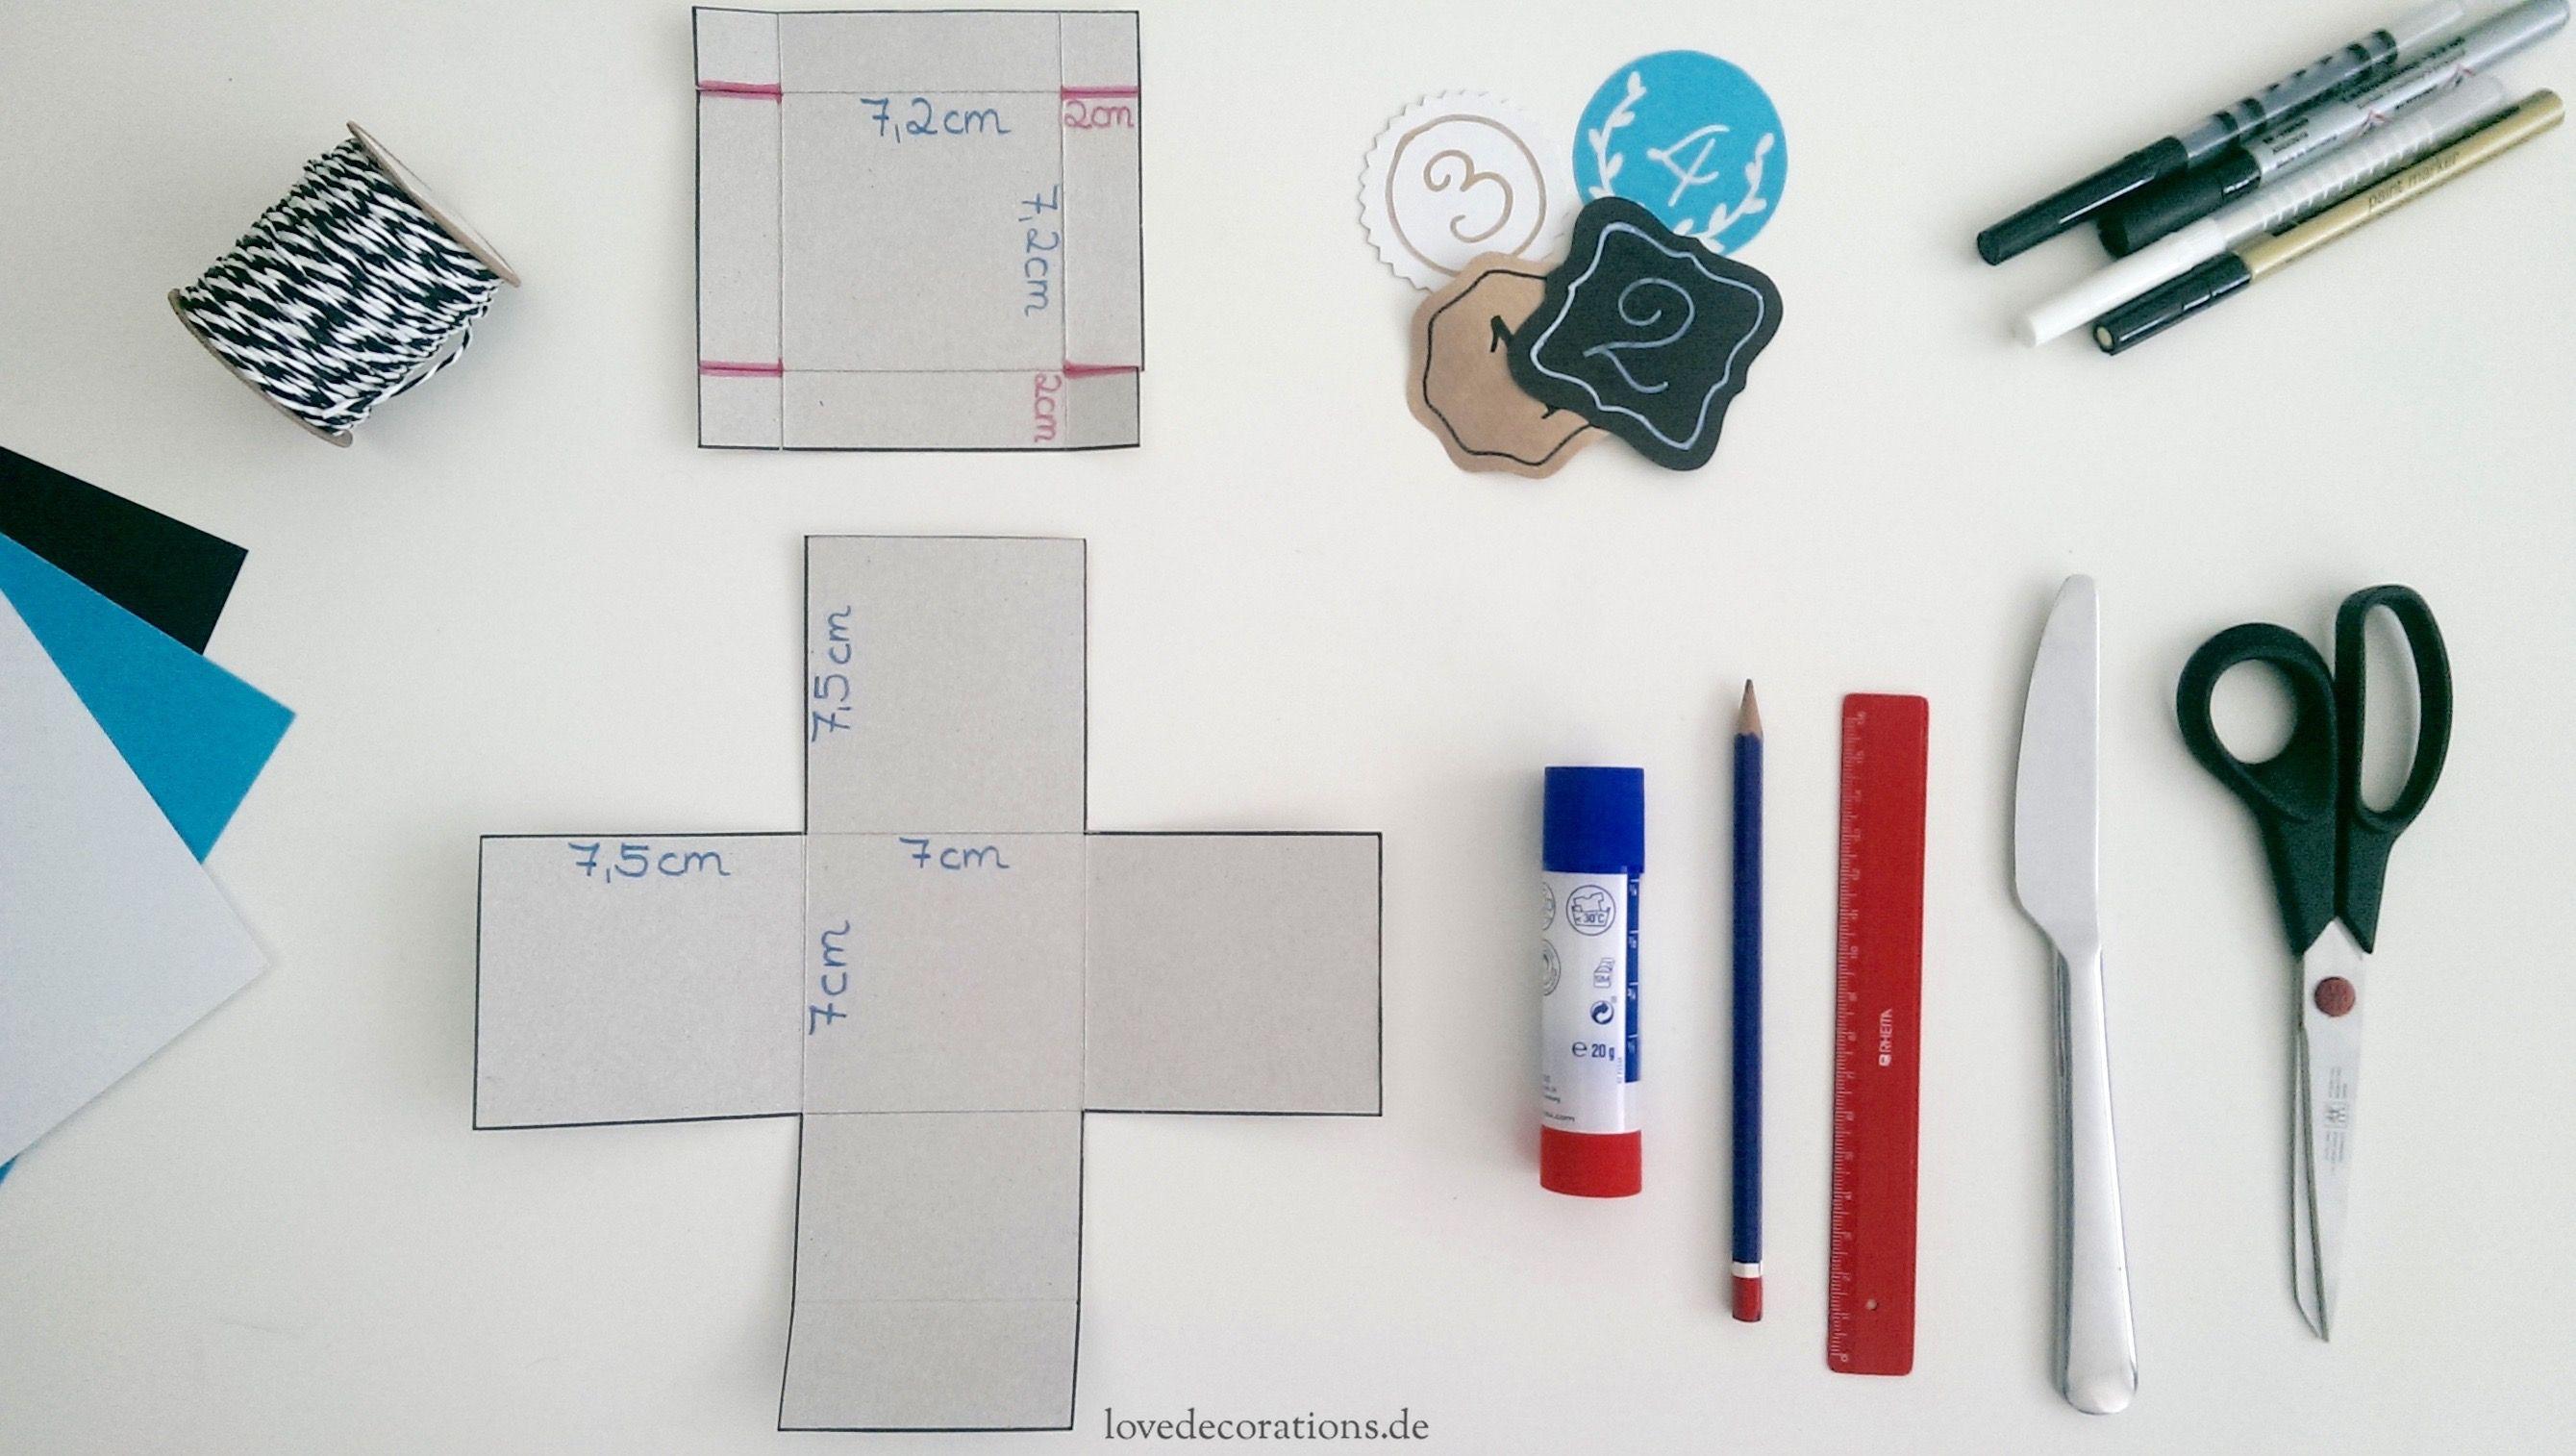 Niedlich Minuten Vorlagen Ideen - Beispiel Business Lebenslauf Ideen ...